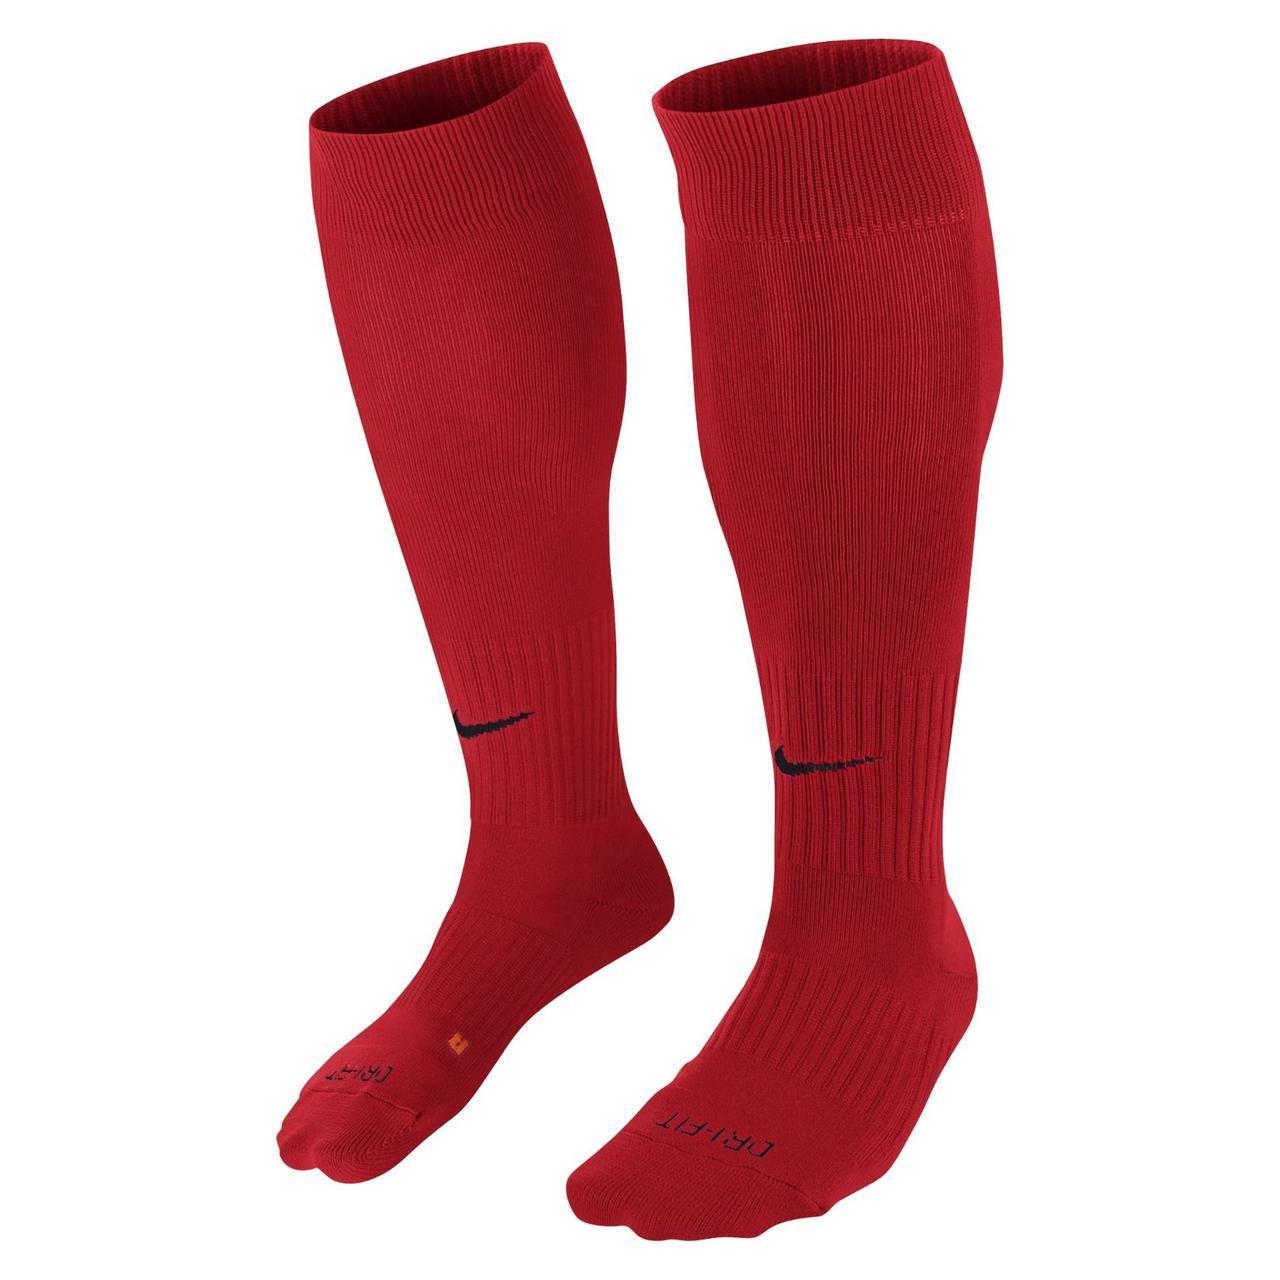 Гетры футбольные Nike Classic II Cushion SX5728-657 Красный M (38-42) (091209577851)